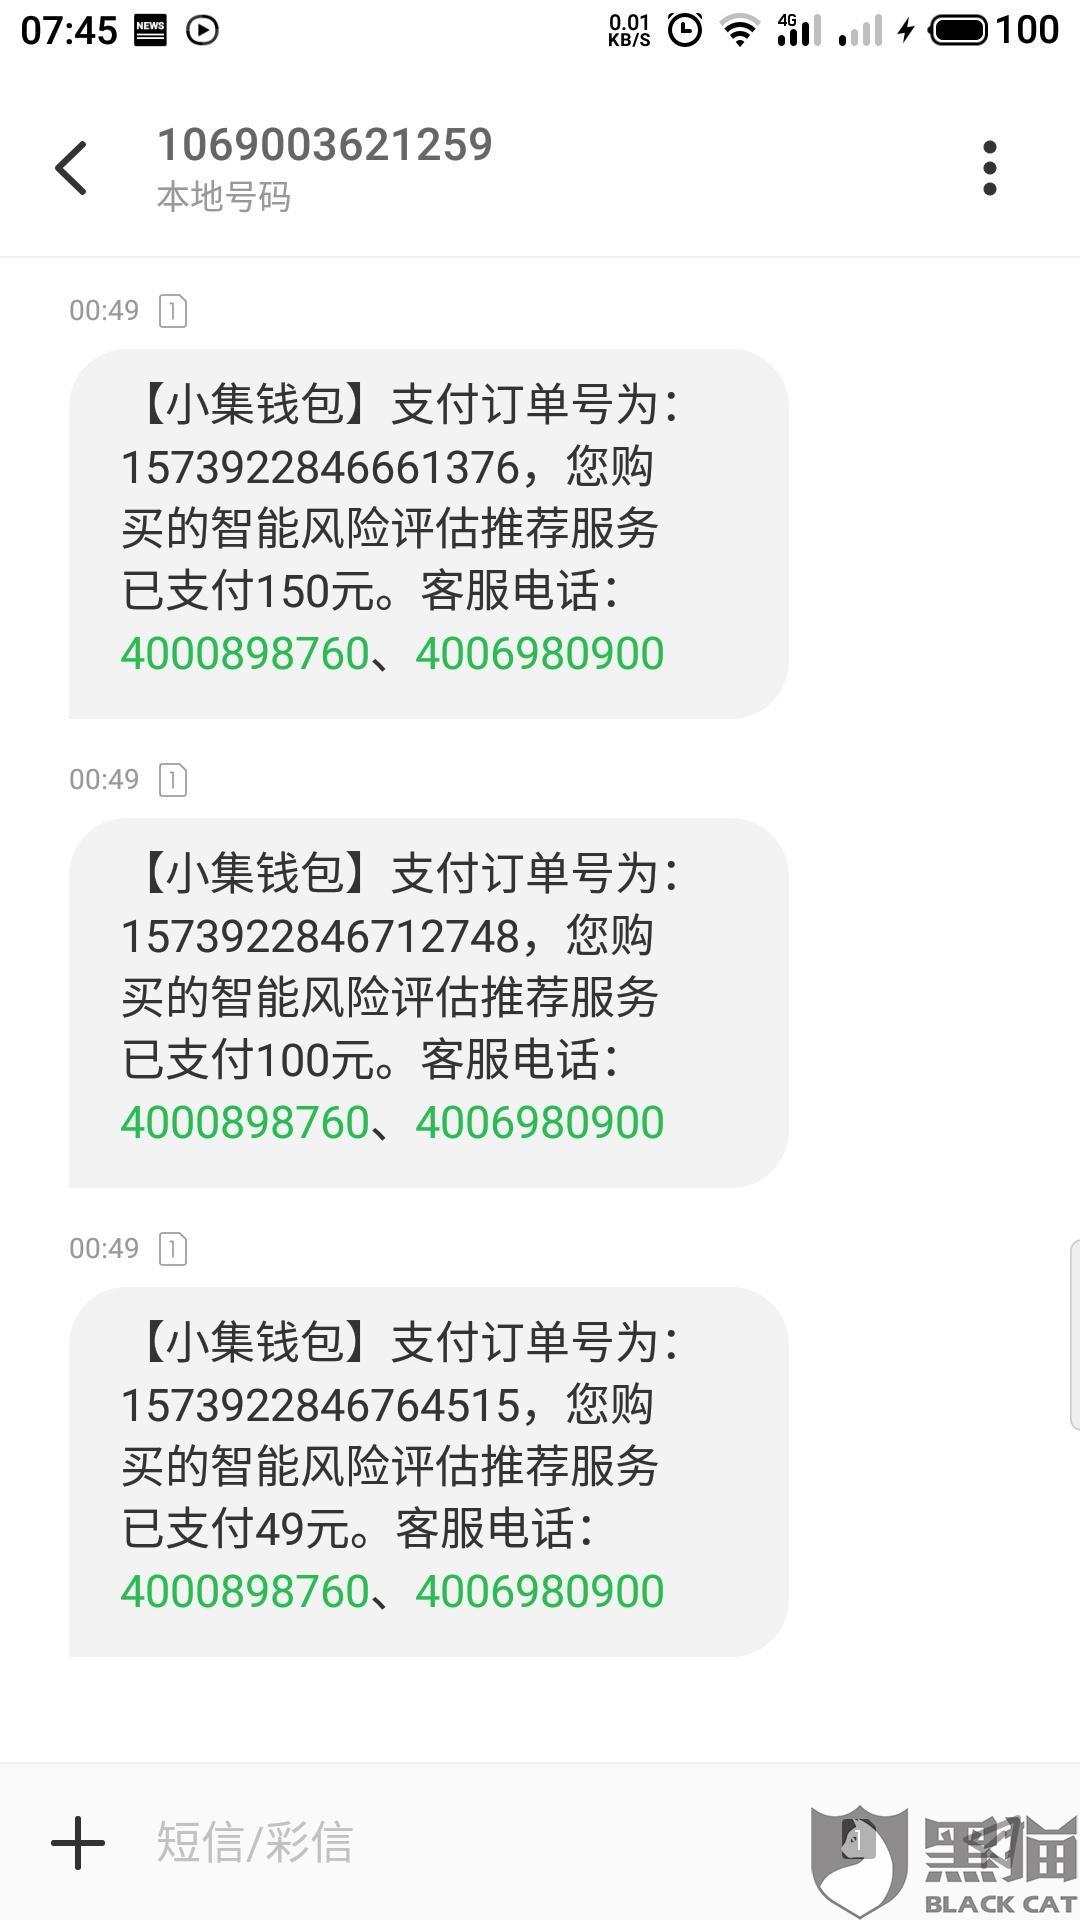 黑猫投诉:2019年11月15日11.57分,上海鲸纬信息科技有限公司私自扣取我银行卡金额